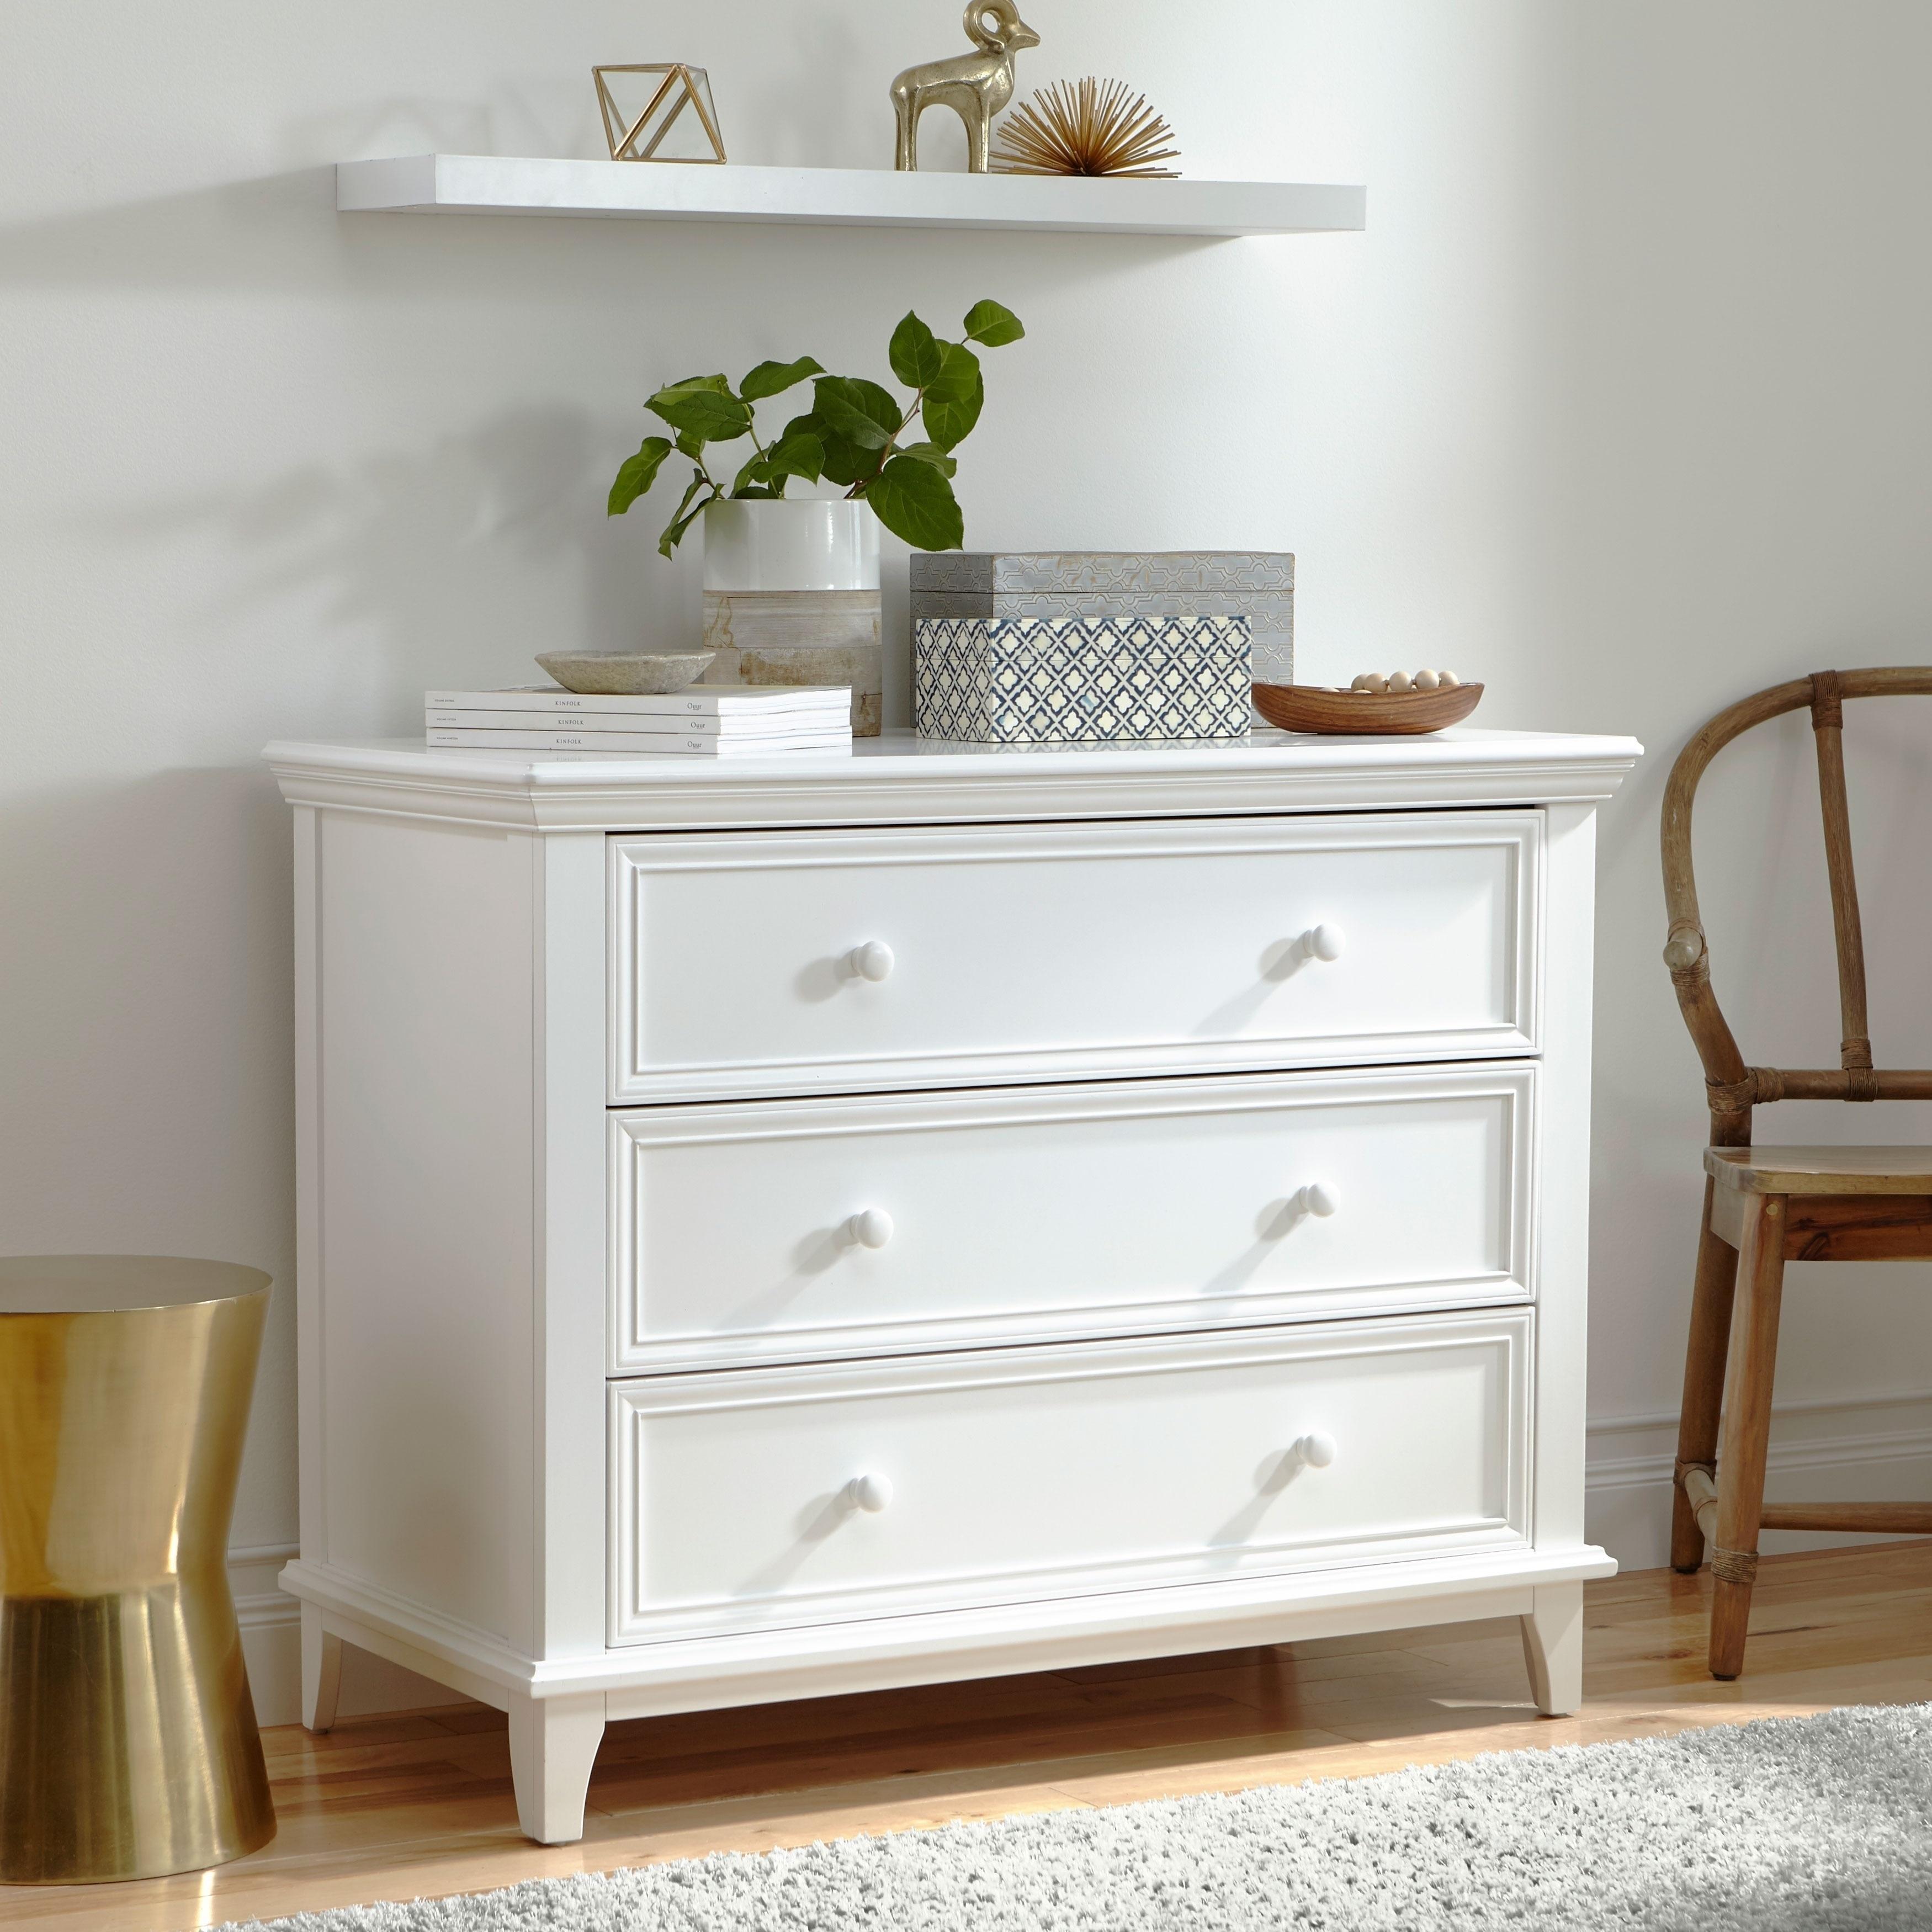 Kolcraft 3 Drawer Transitional Dresser